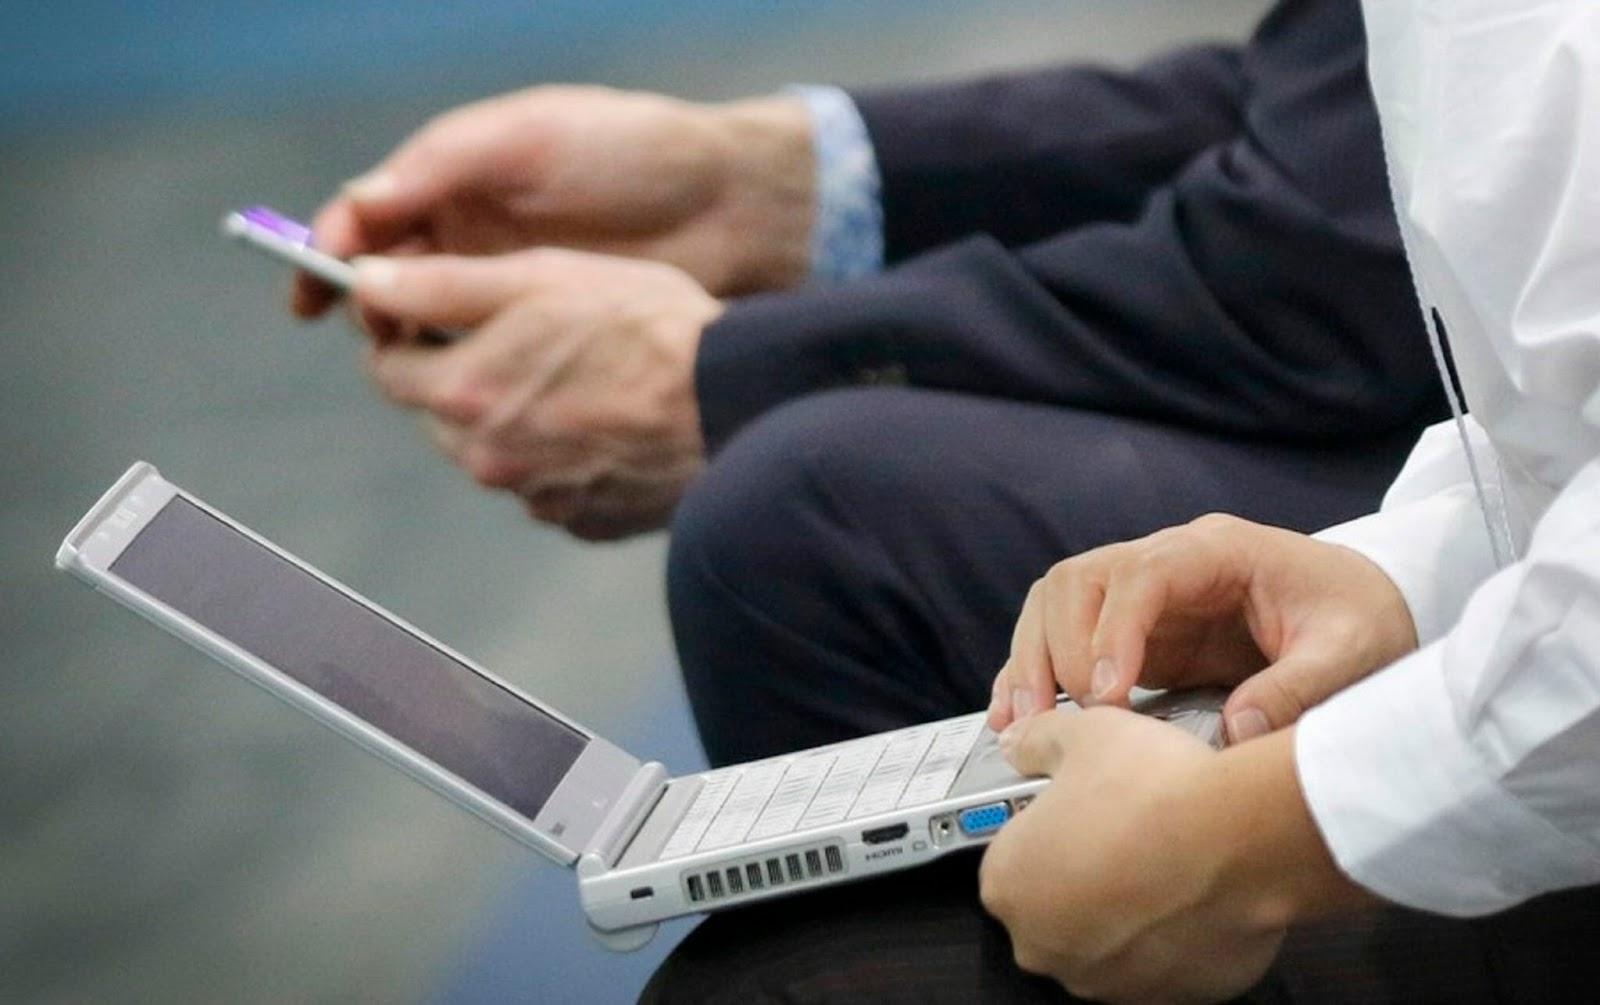 Ηλεκτρονικές απάτες – Έτσι κάνουν χρυσές δουλειές οι επιτήδειοι